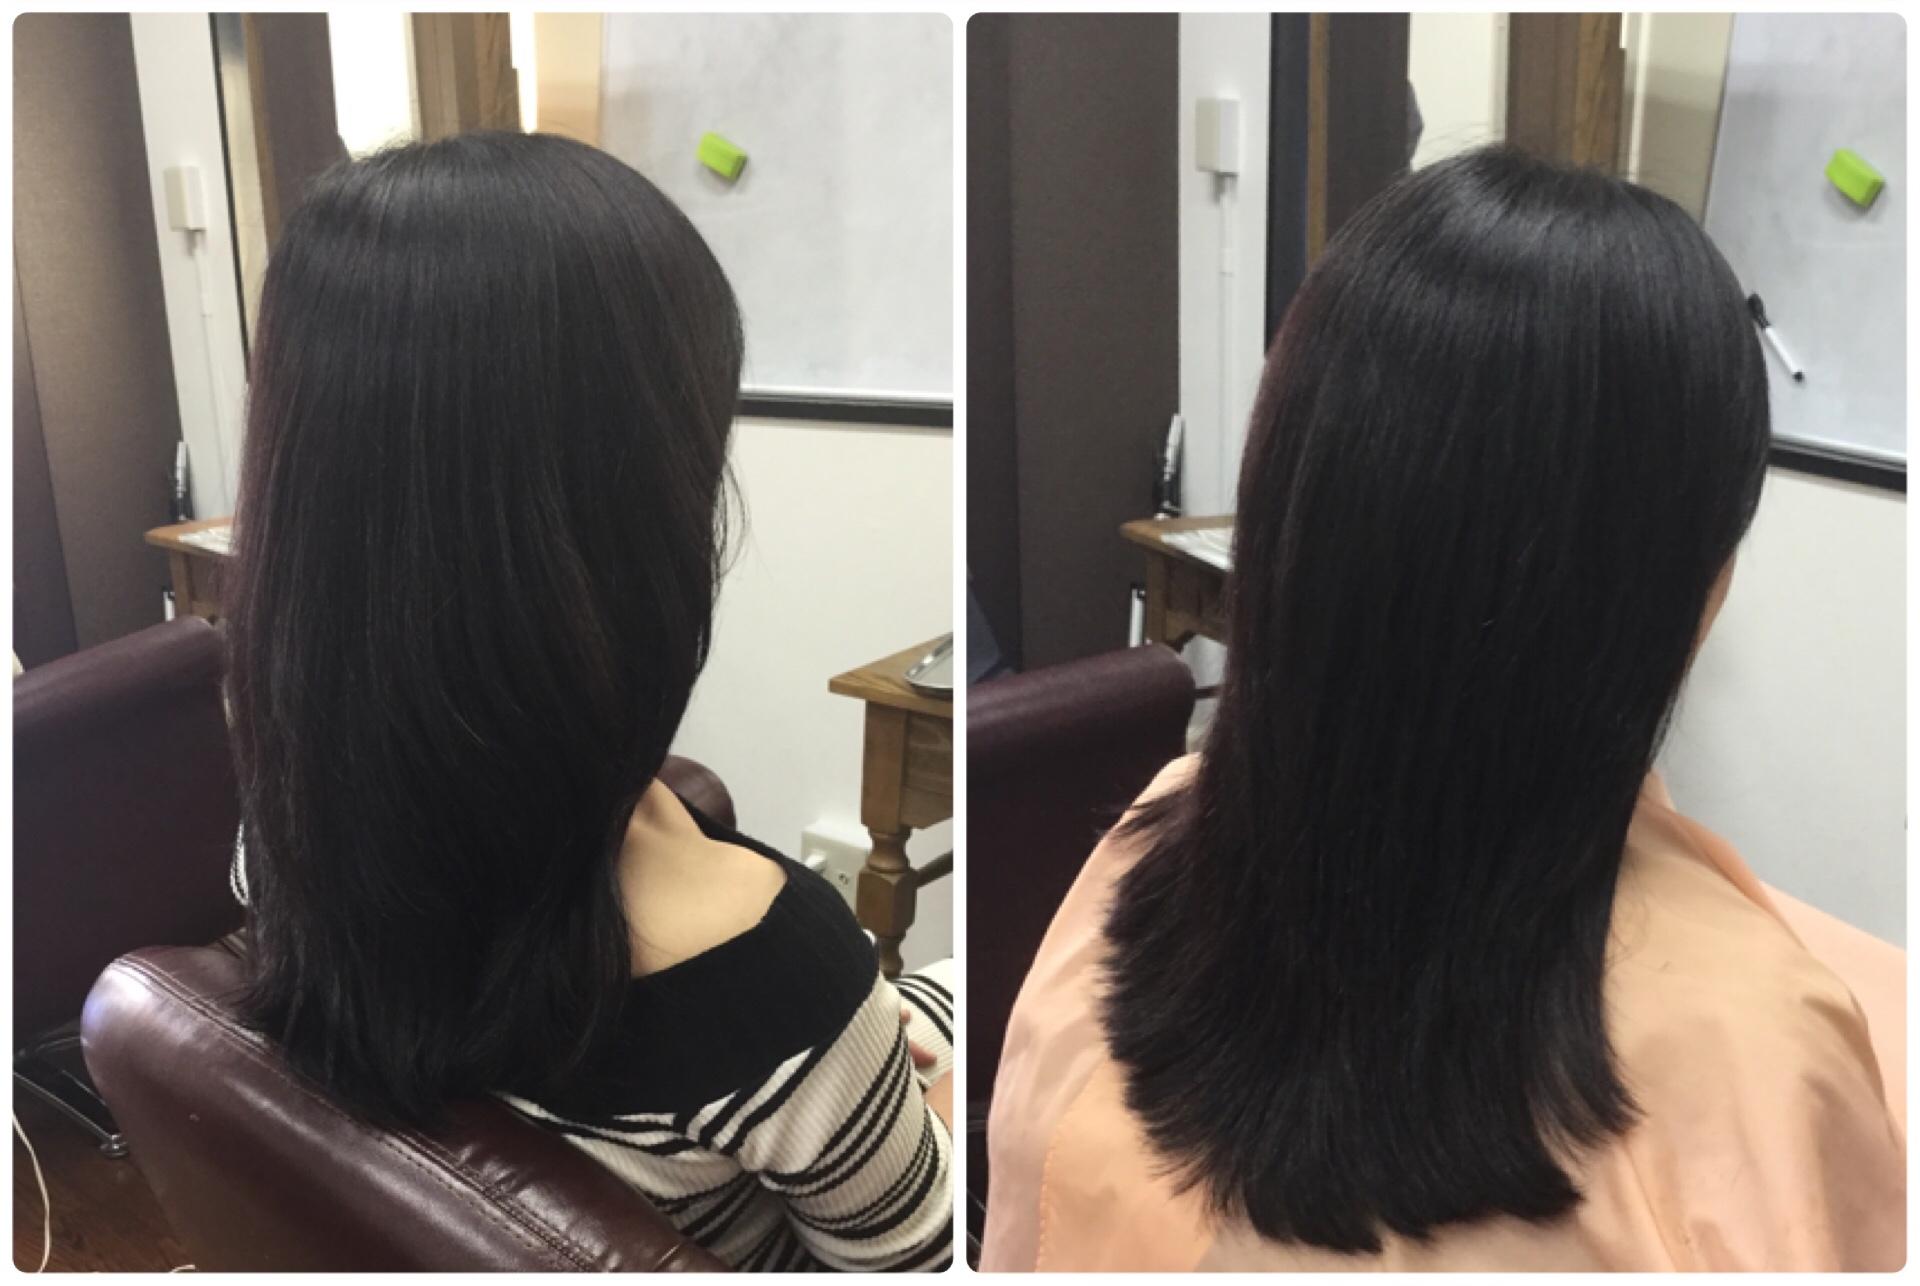 I髪・頭皮・身体に優しい天然100%熟成ヘナでデトックス!の神戸くせ毛専門美容室アバディ